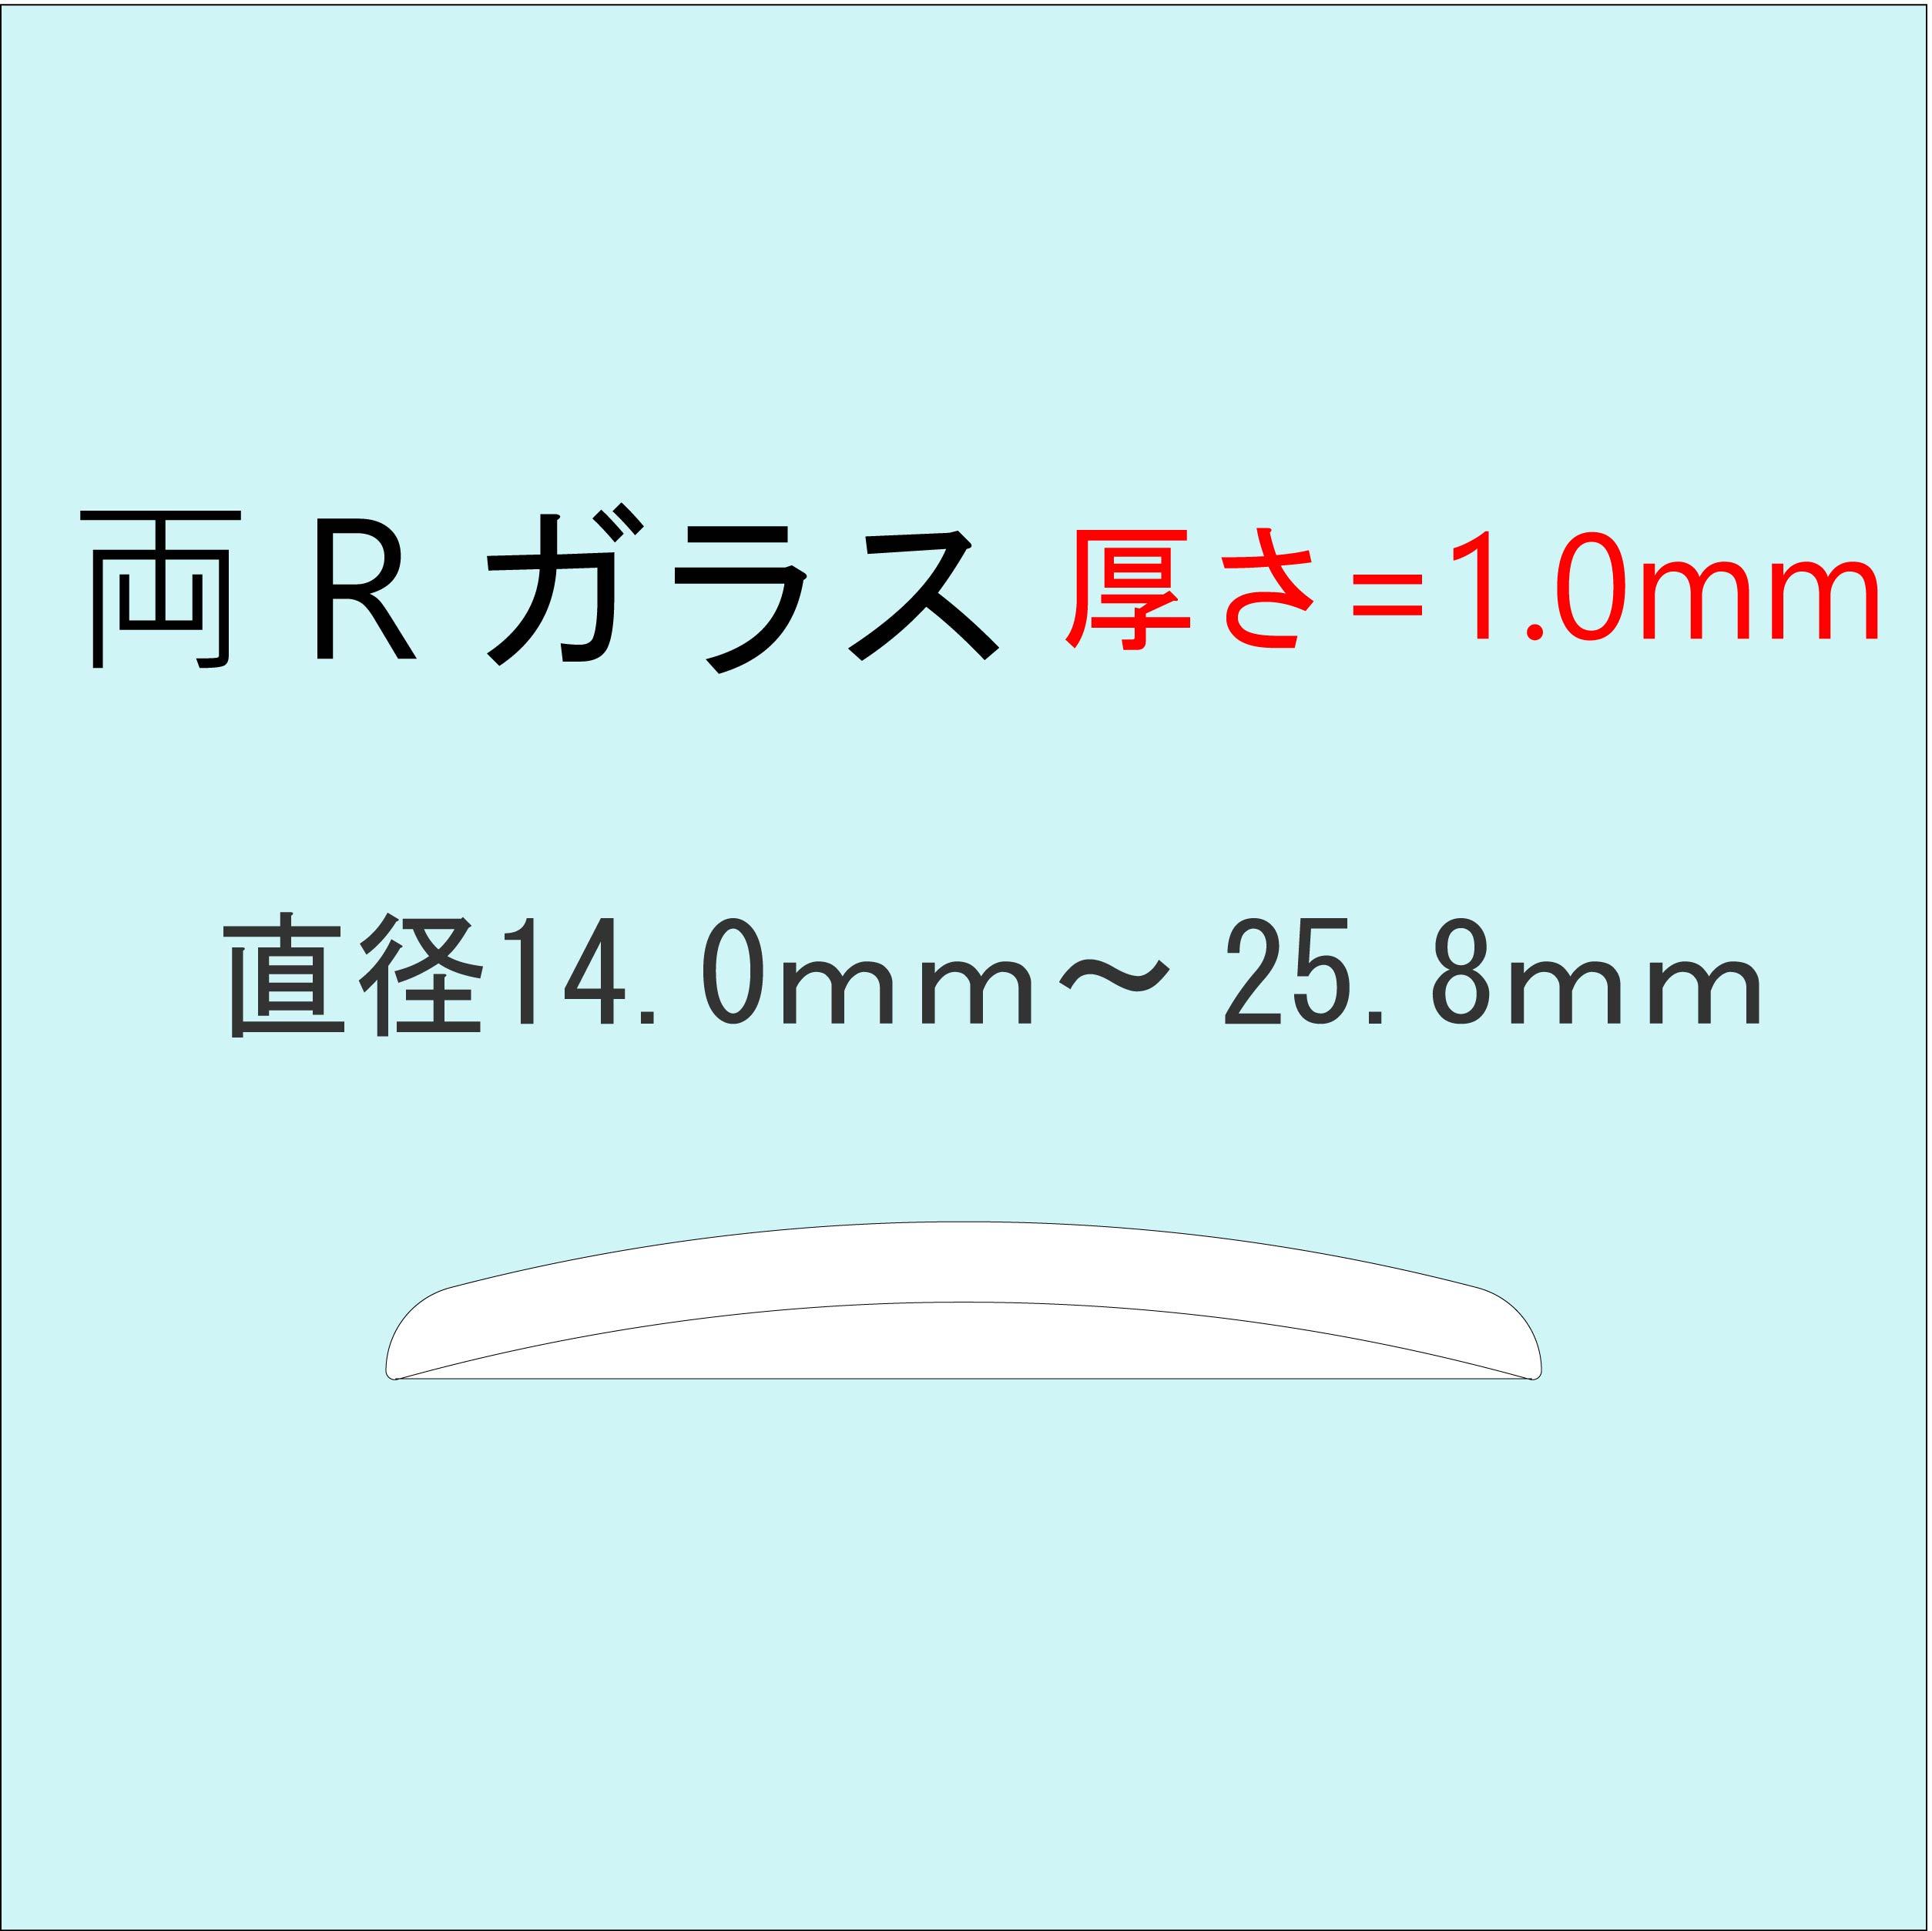 時計修理 ガラス交換 風防 両Rガラス ミネラルガラス 厚さ1.0mm 時計部品 2020モデル 当店限定販売 直径14.0mm~25.8mm